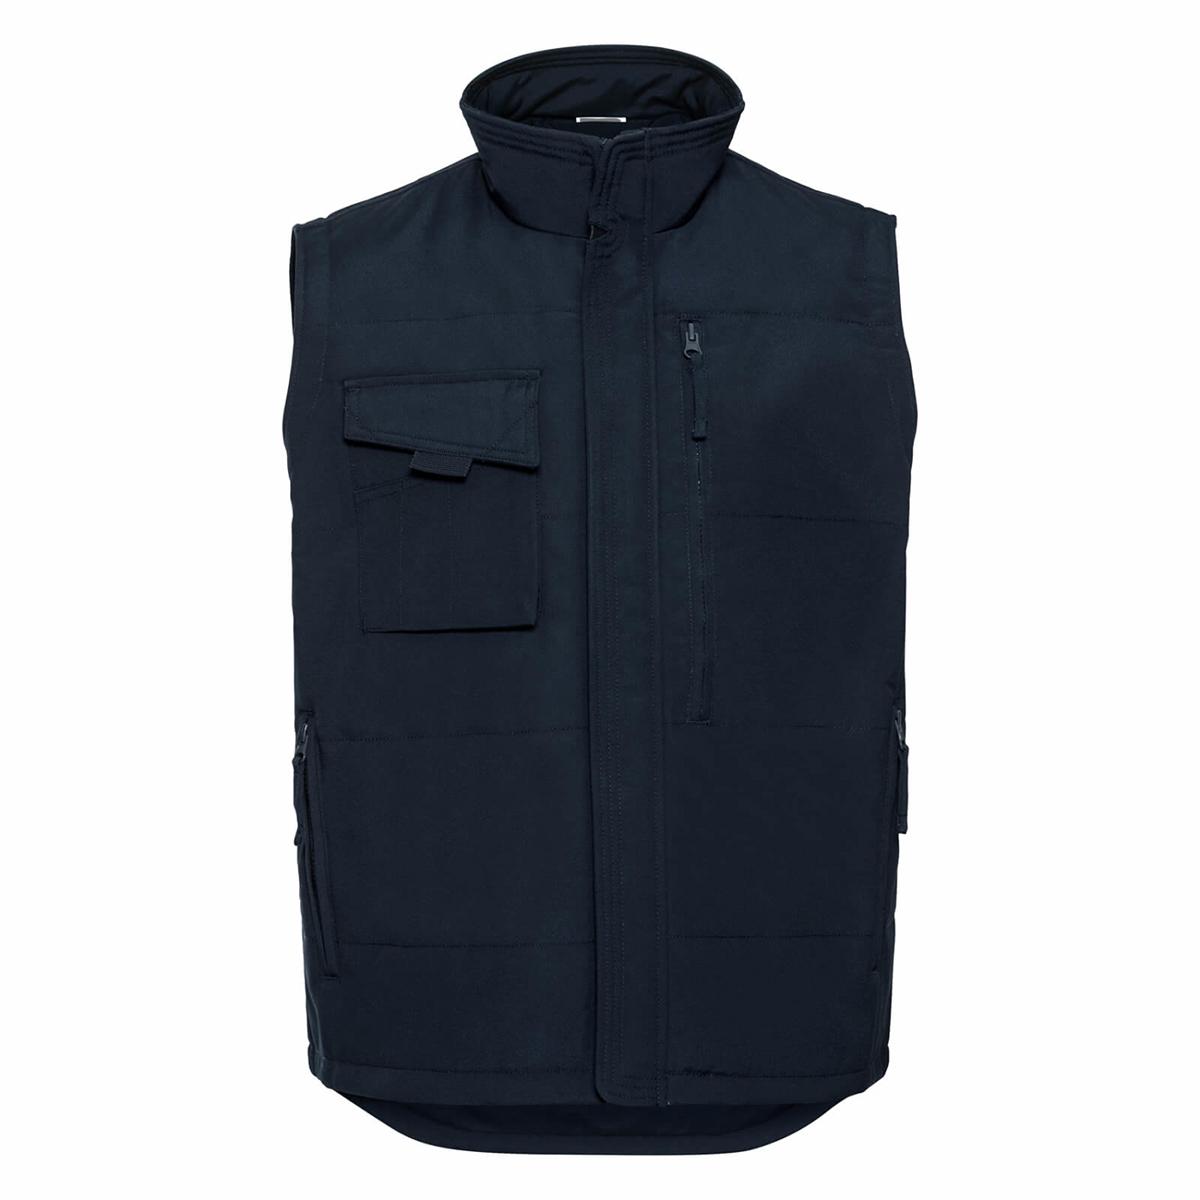 Russell Mens Workwear Gilet Jacket (4XL) (Bottle Green)